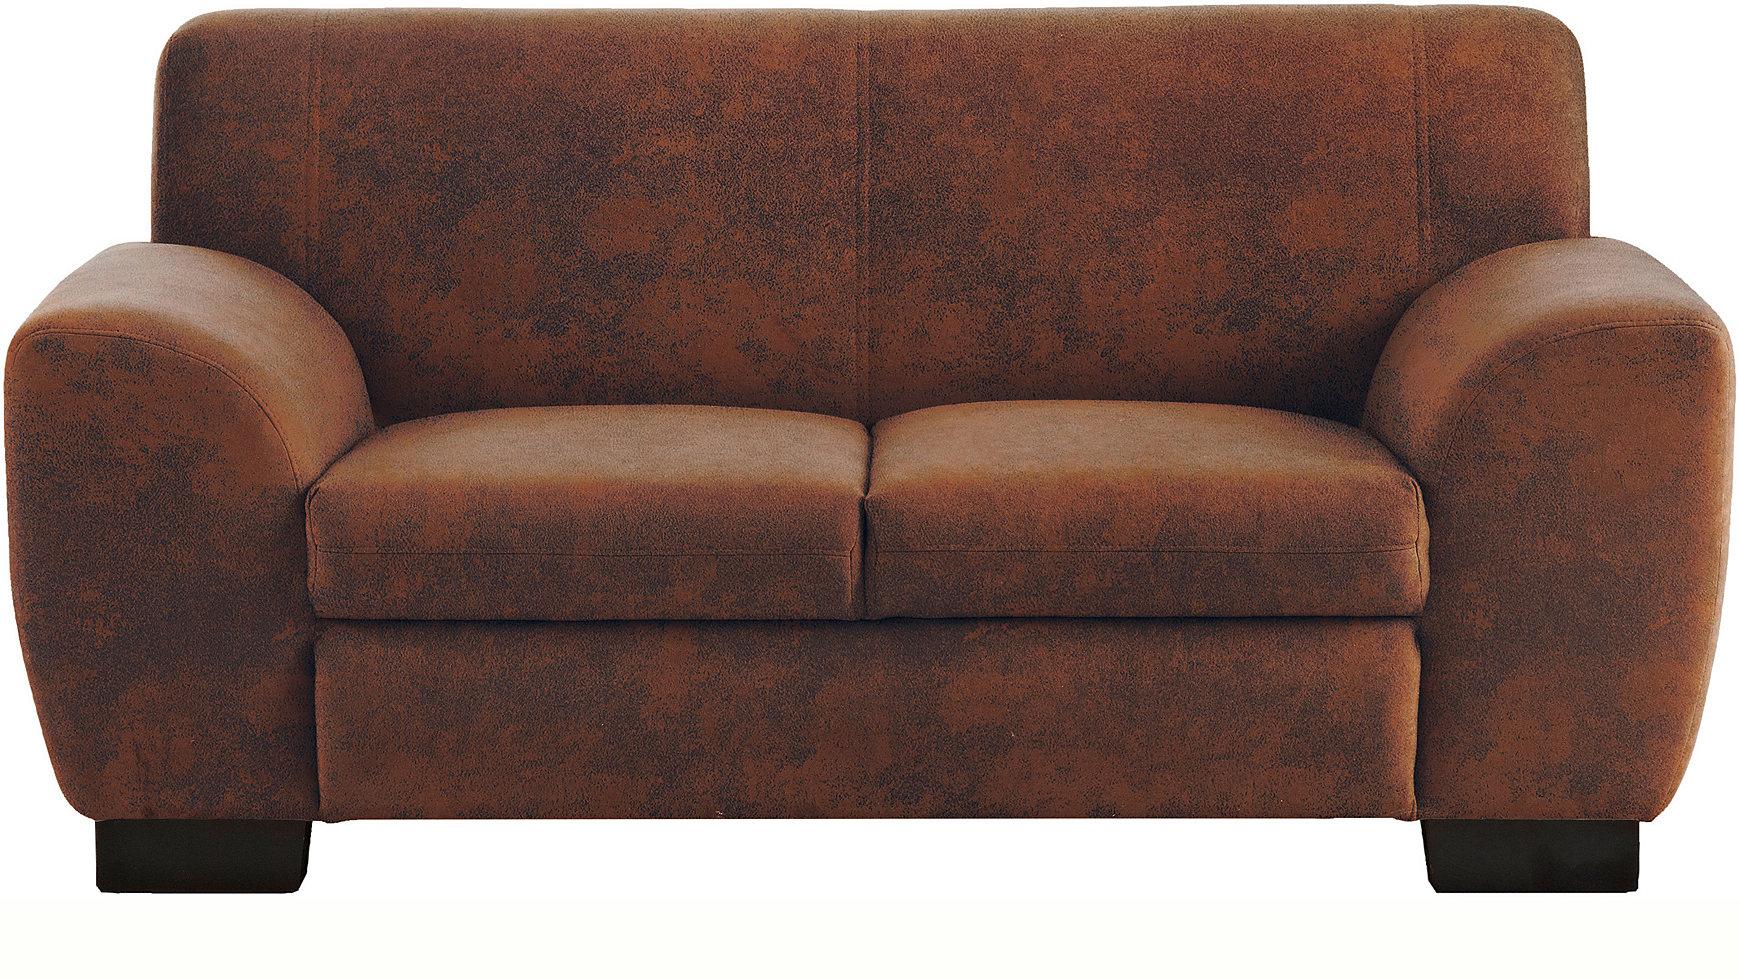 Full Size of 2er Sofa 2 Sitzer Gemtliches Online Kaufen Bei Cnouchde Flexform 3 Ebay Ohne Lehne Big Leder Große Kissen Weiß Petrol Impressionen Stressless Mit Sofa 2er Sofa